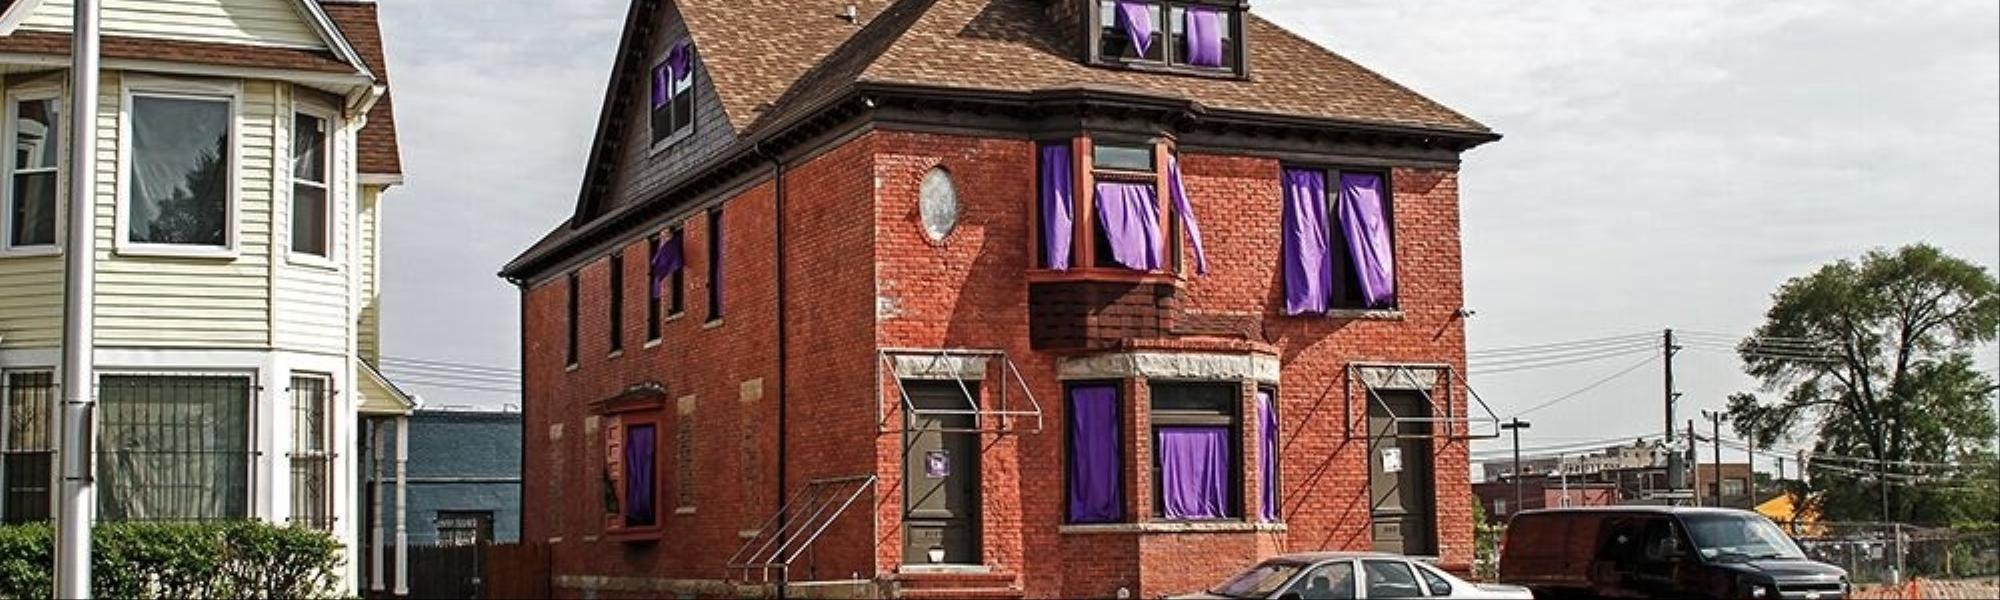 Zu Besuch bei Moodymann, der sein ganzes Haus in einen lila Prince ...